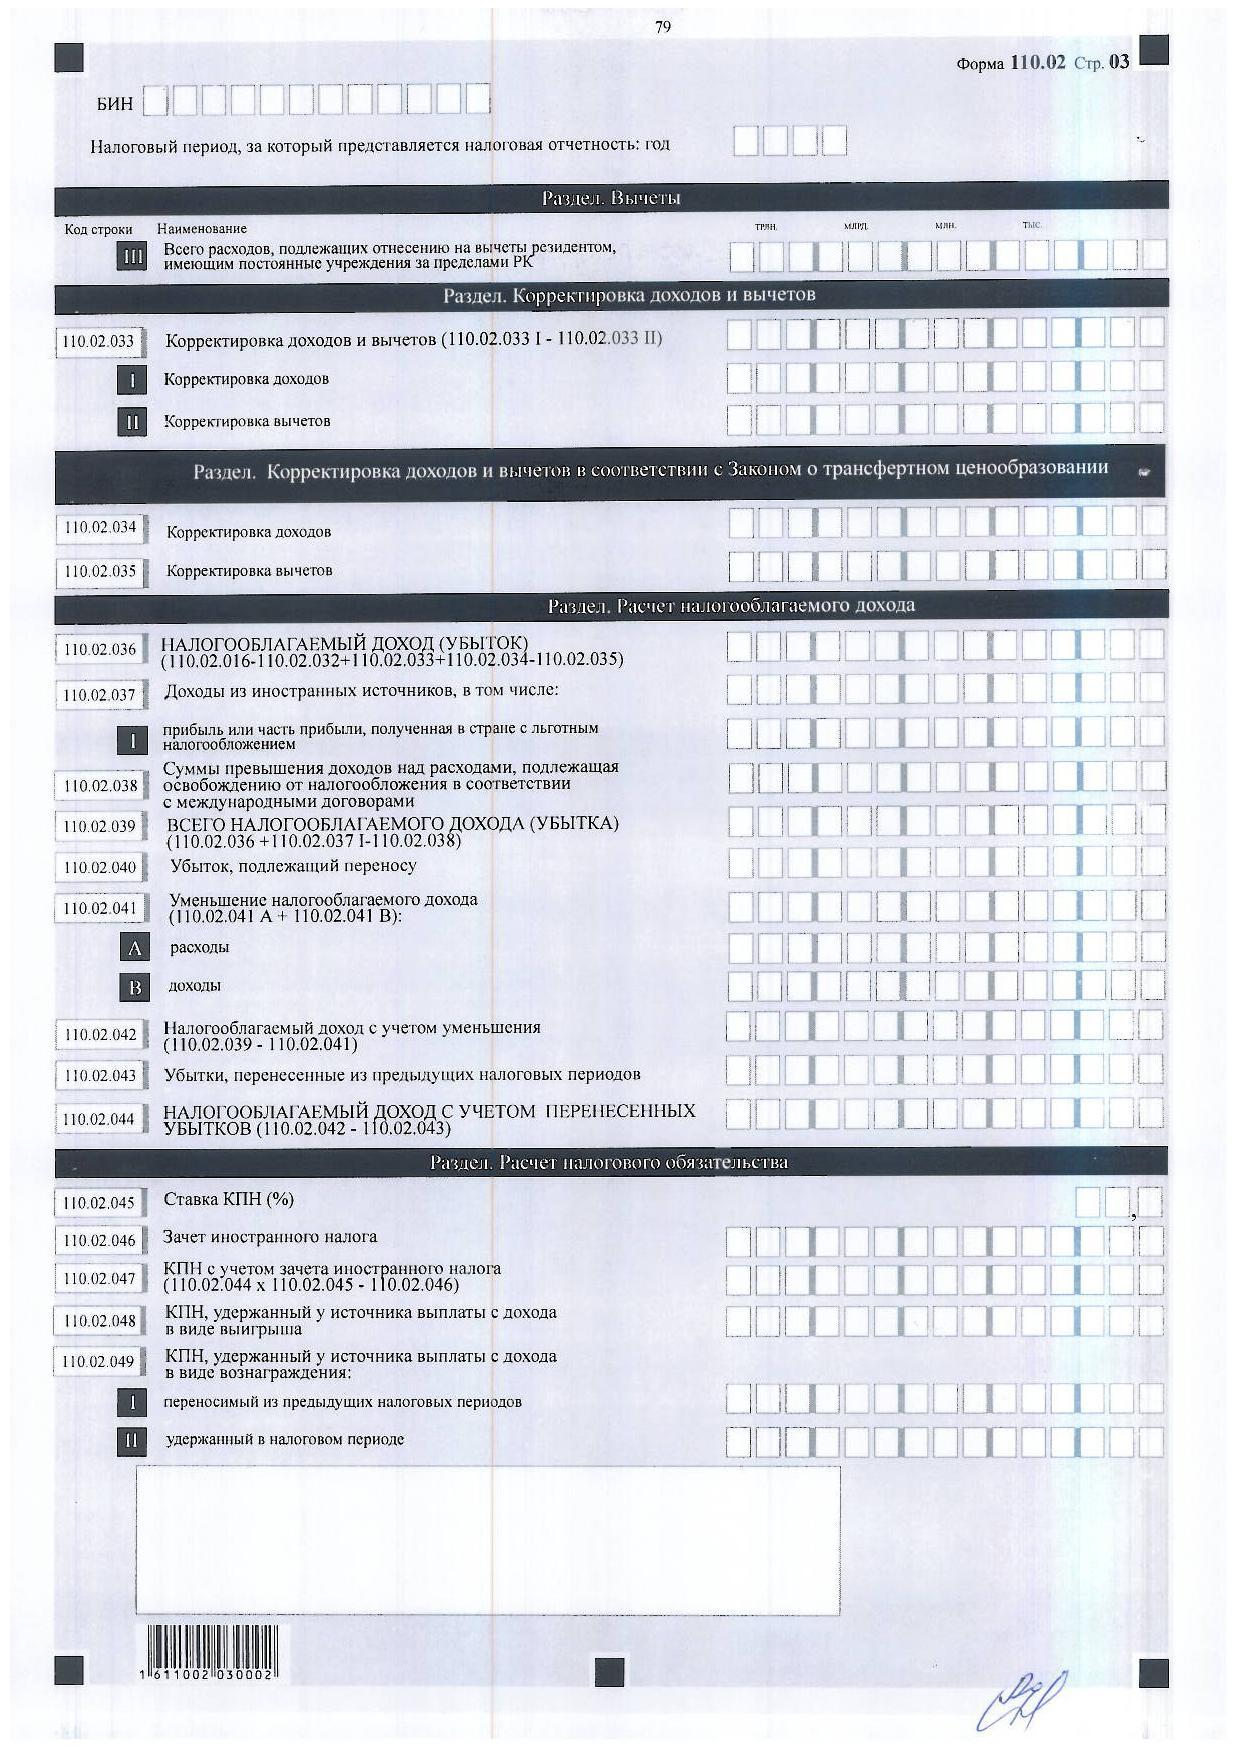 Электронные формы налоговой отчетности рк куда обращаться после регистрации ип в налоговой